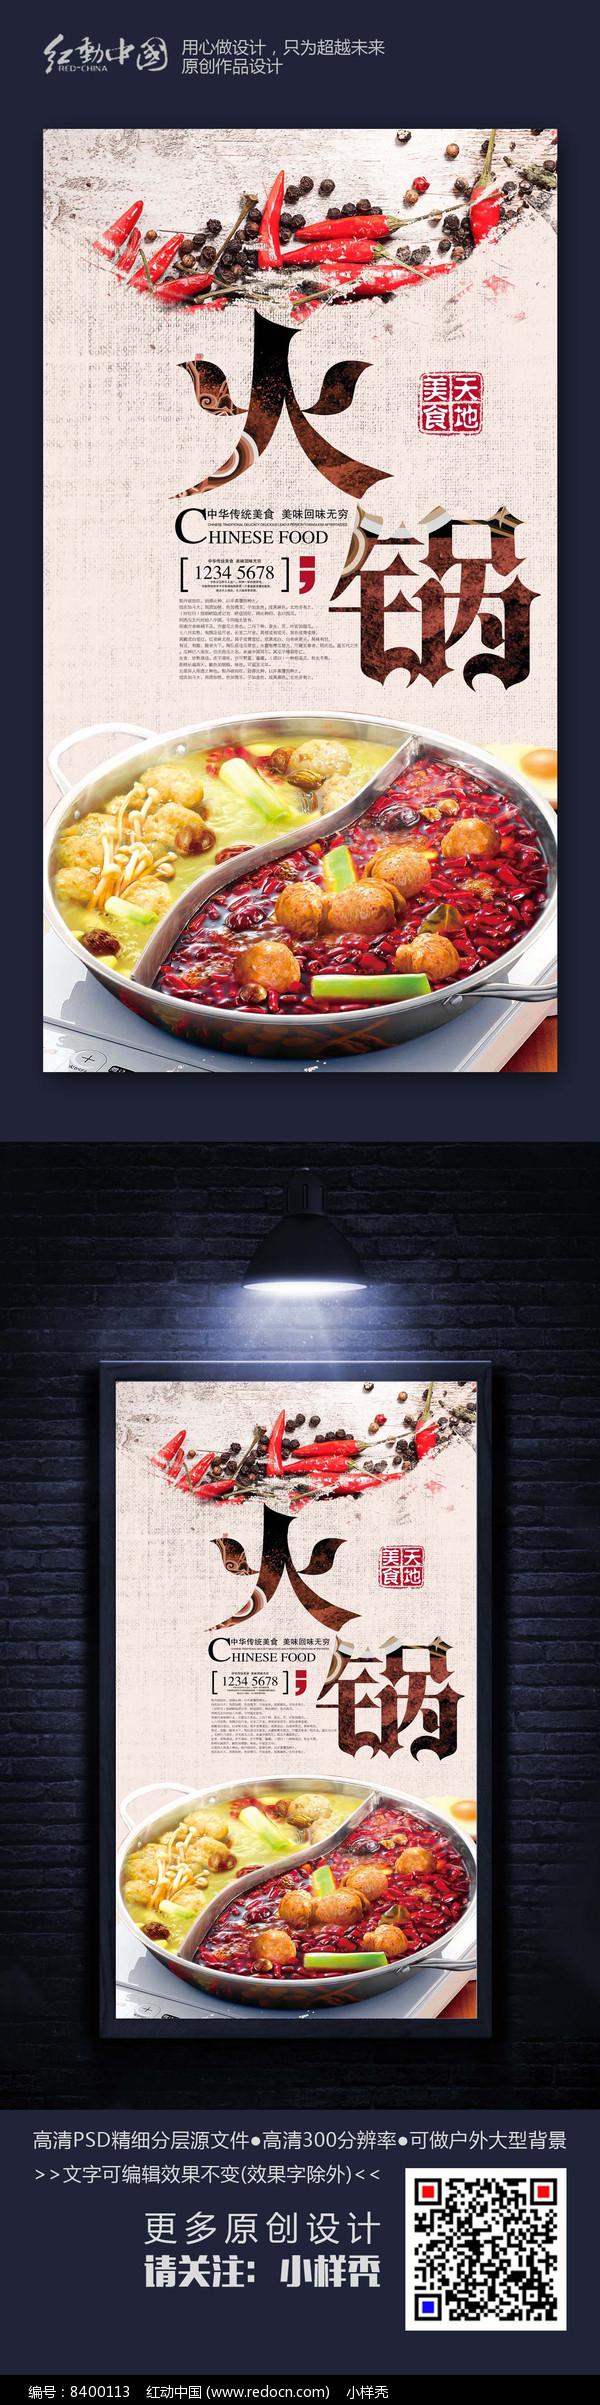 中国风时尚精品火锅美食海报图片